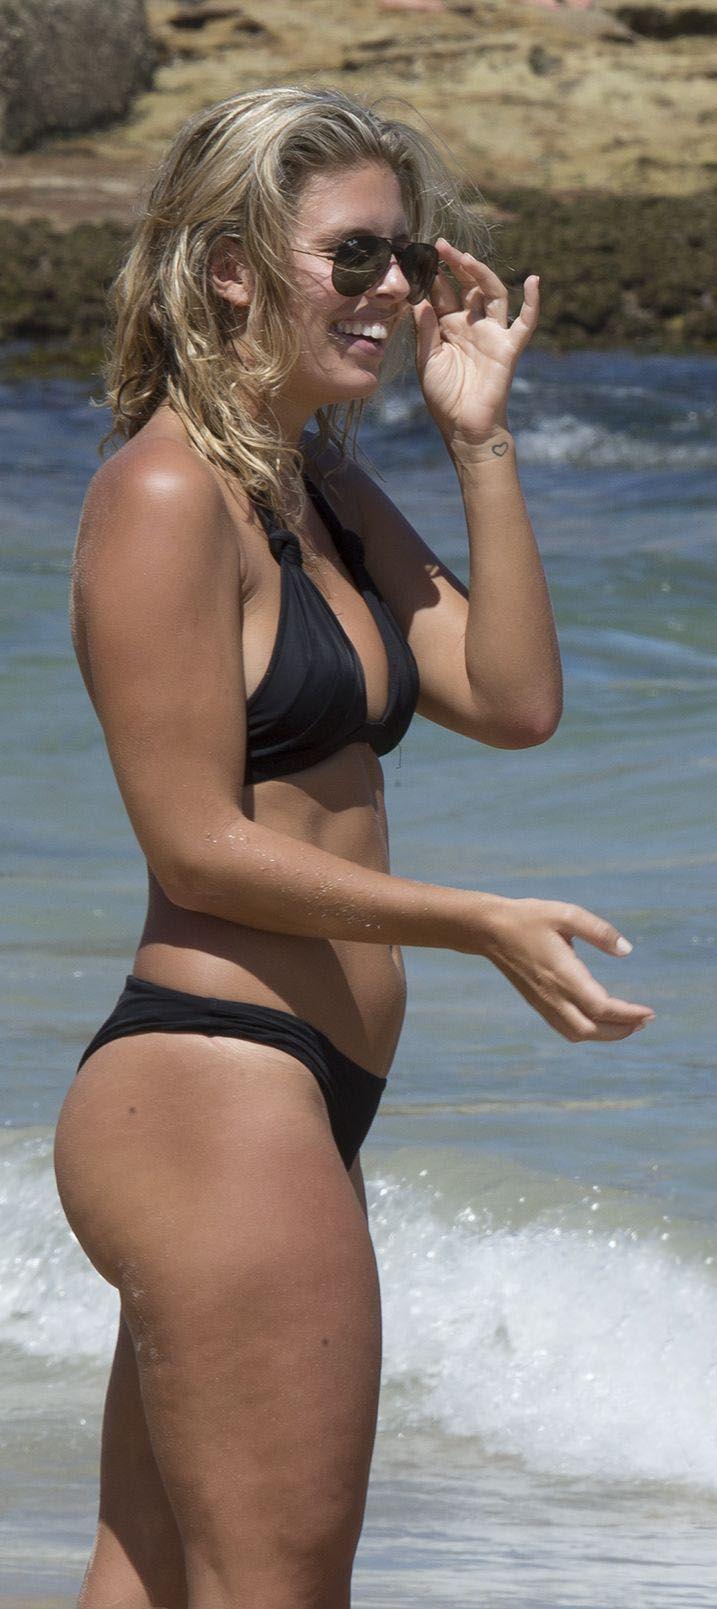 Natasha henson bikini